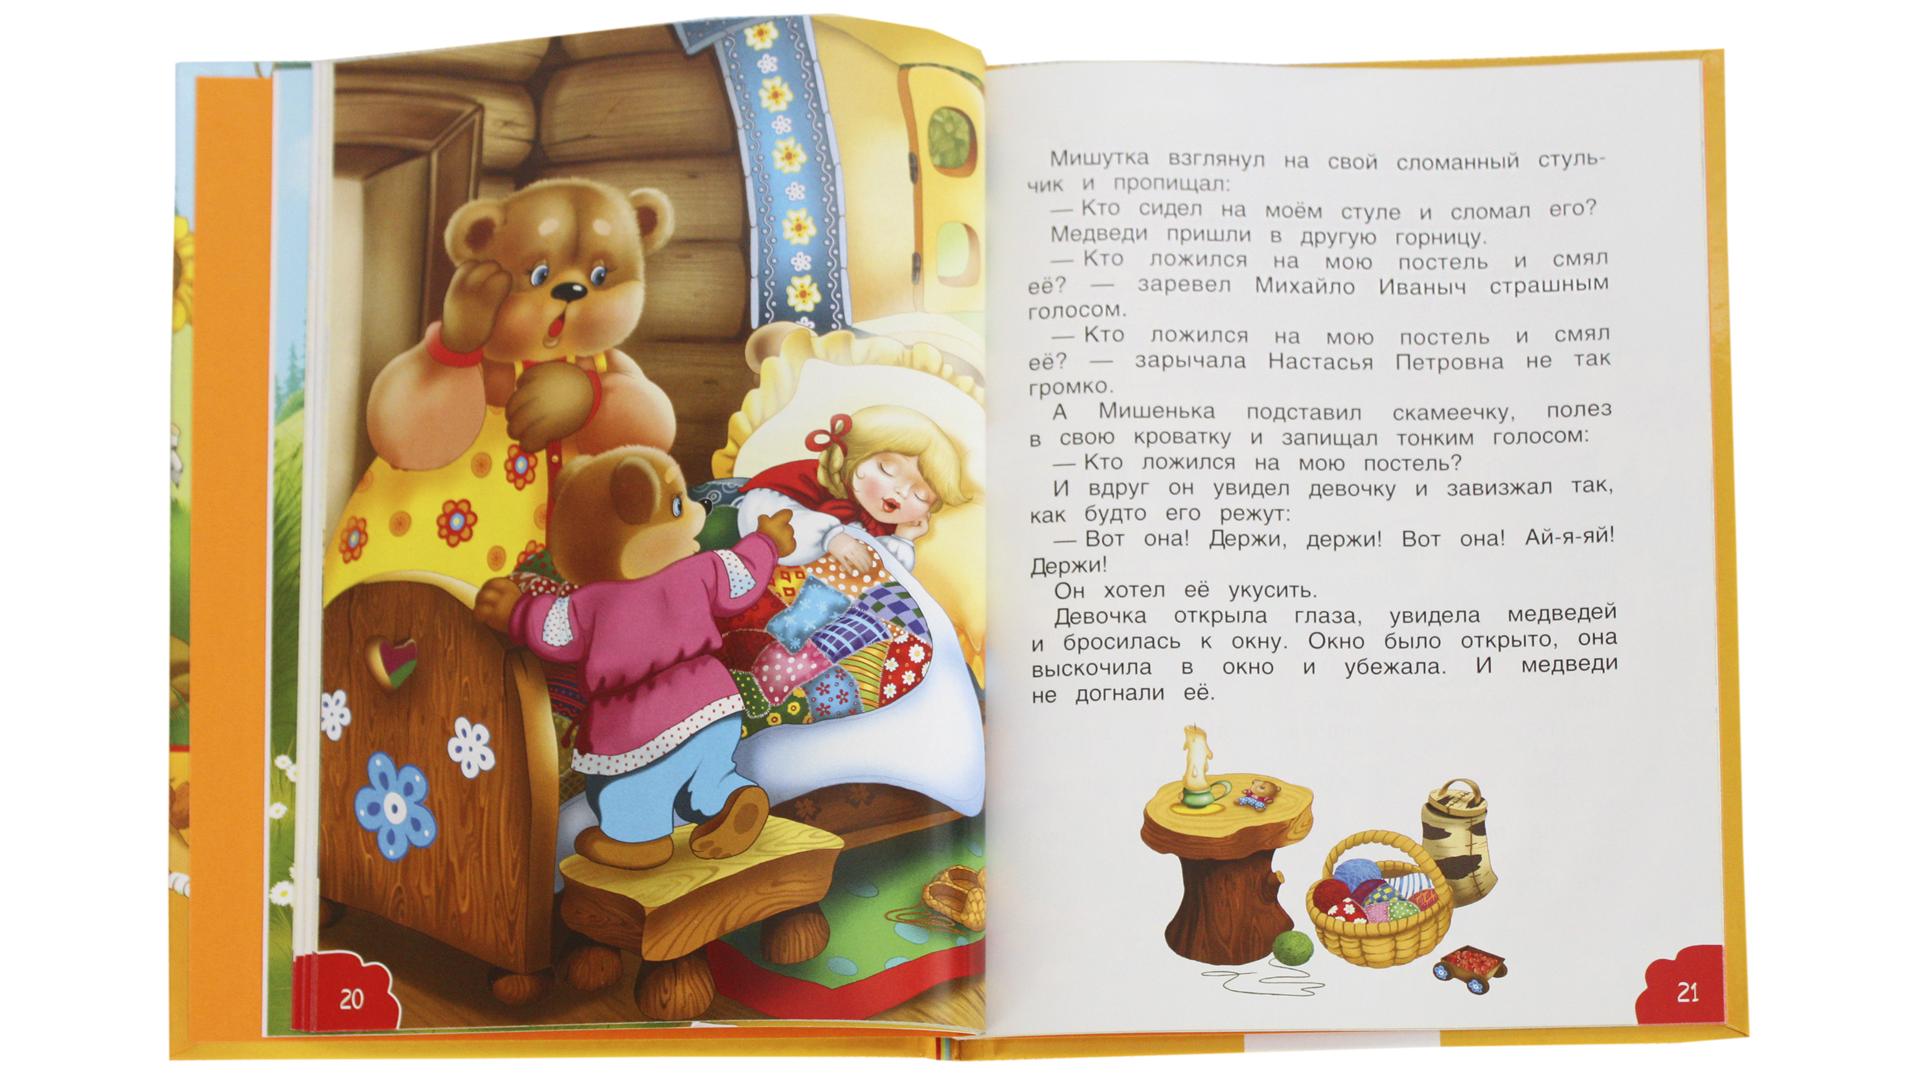 Сказка про трех медведей и машеньку с картинками